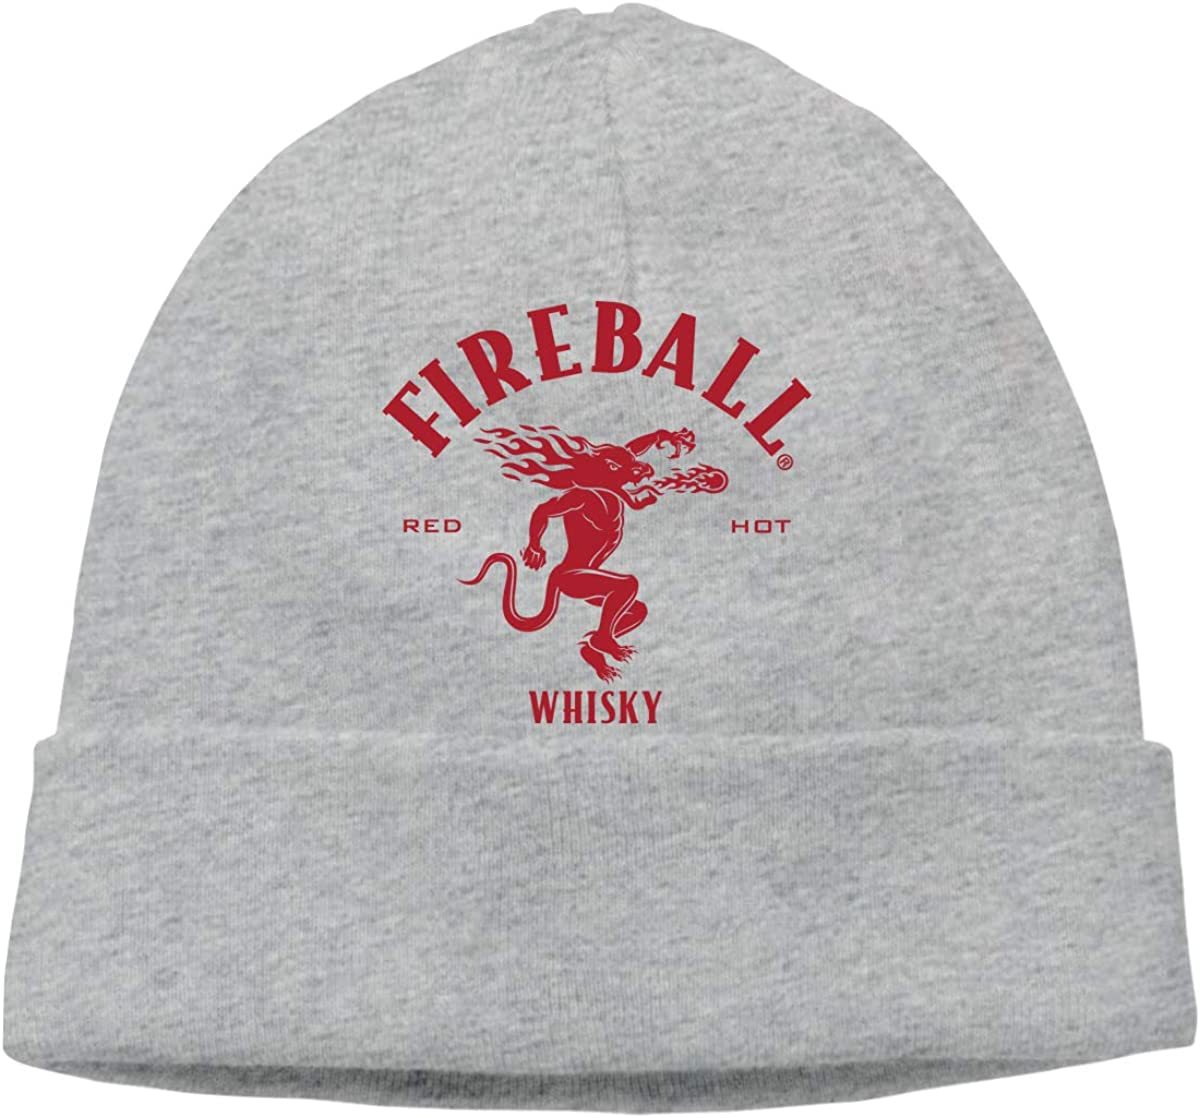 NOT Gonzo Fist Unisex Fashion Autumn//Winter Knit Cap Hedging Cap Woolen Hat Cotton Cap